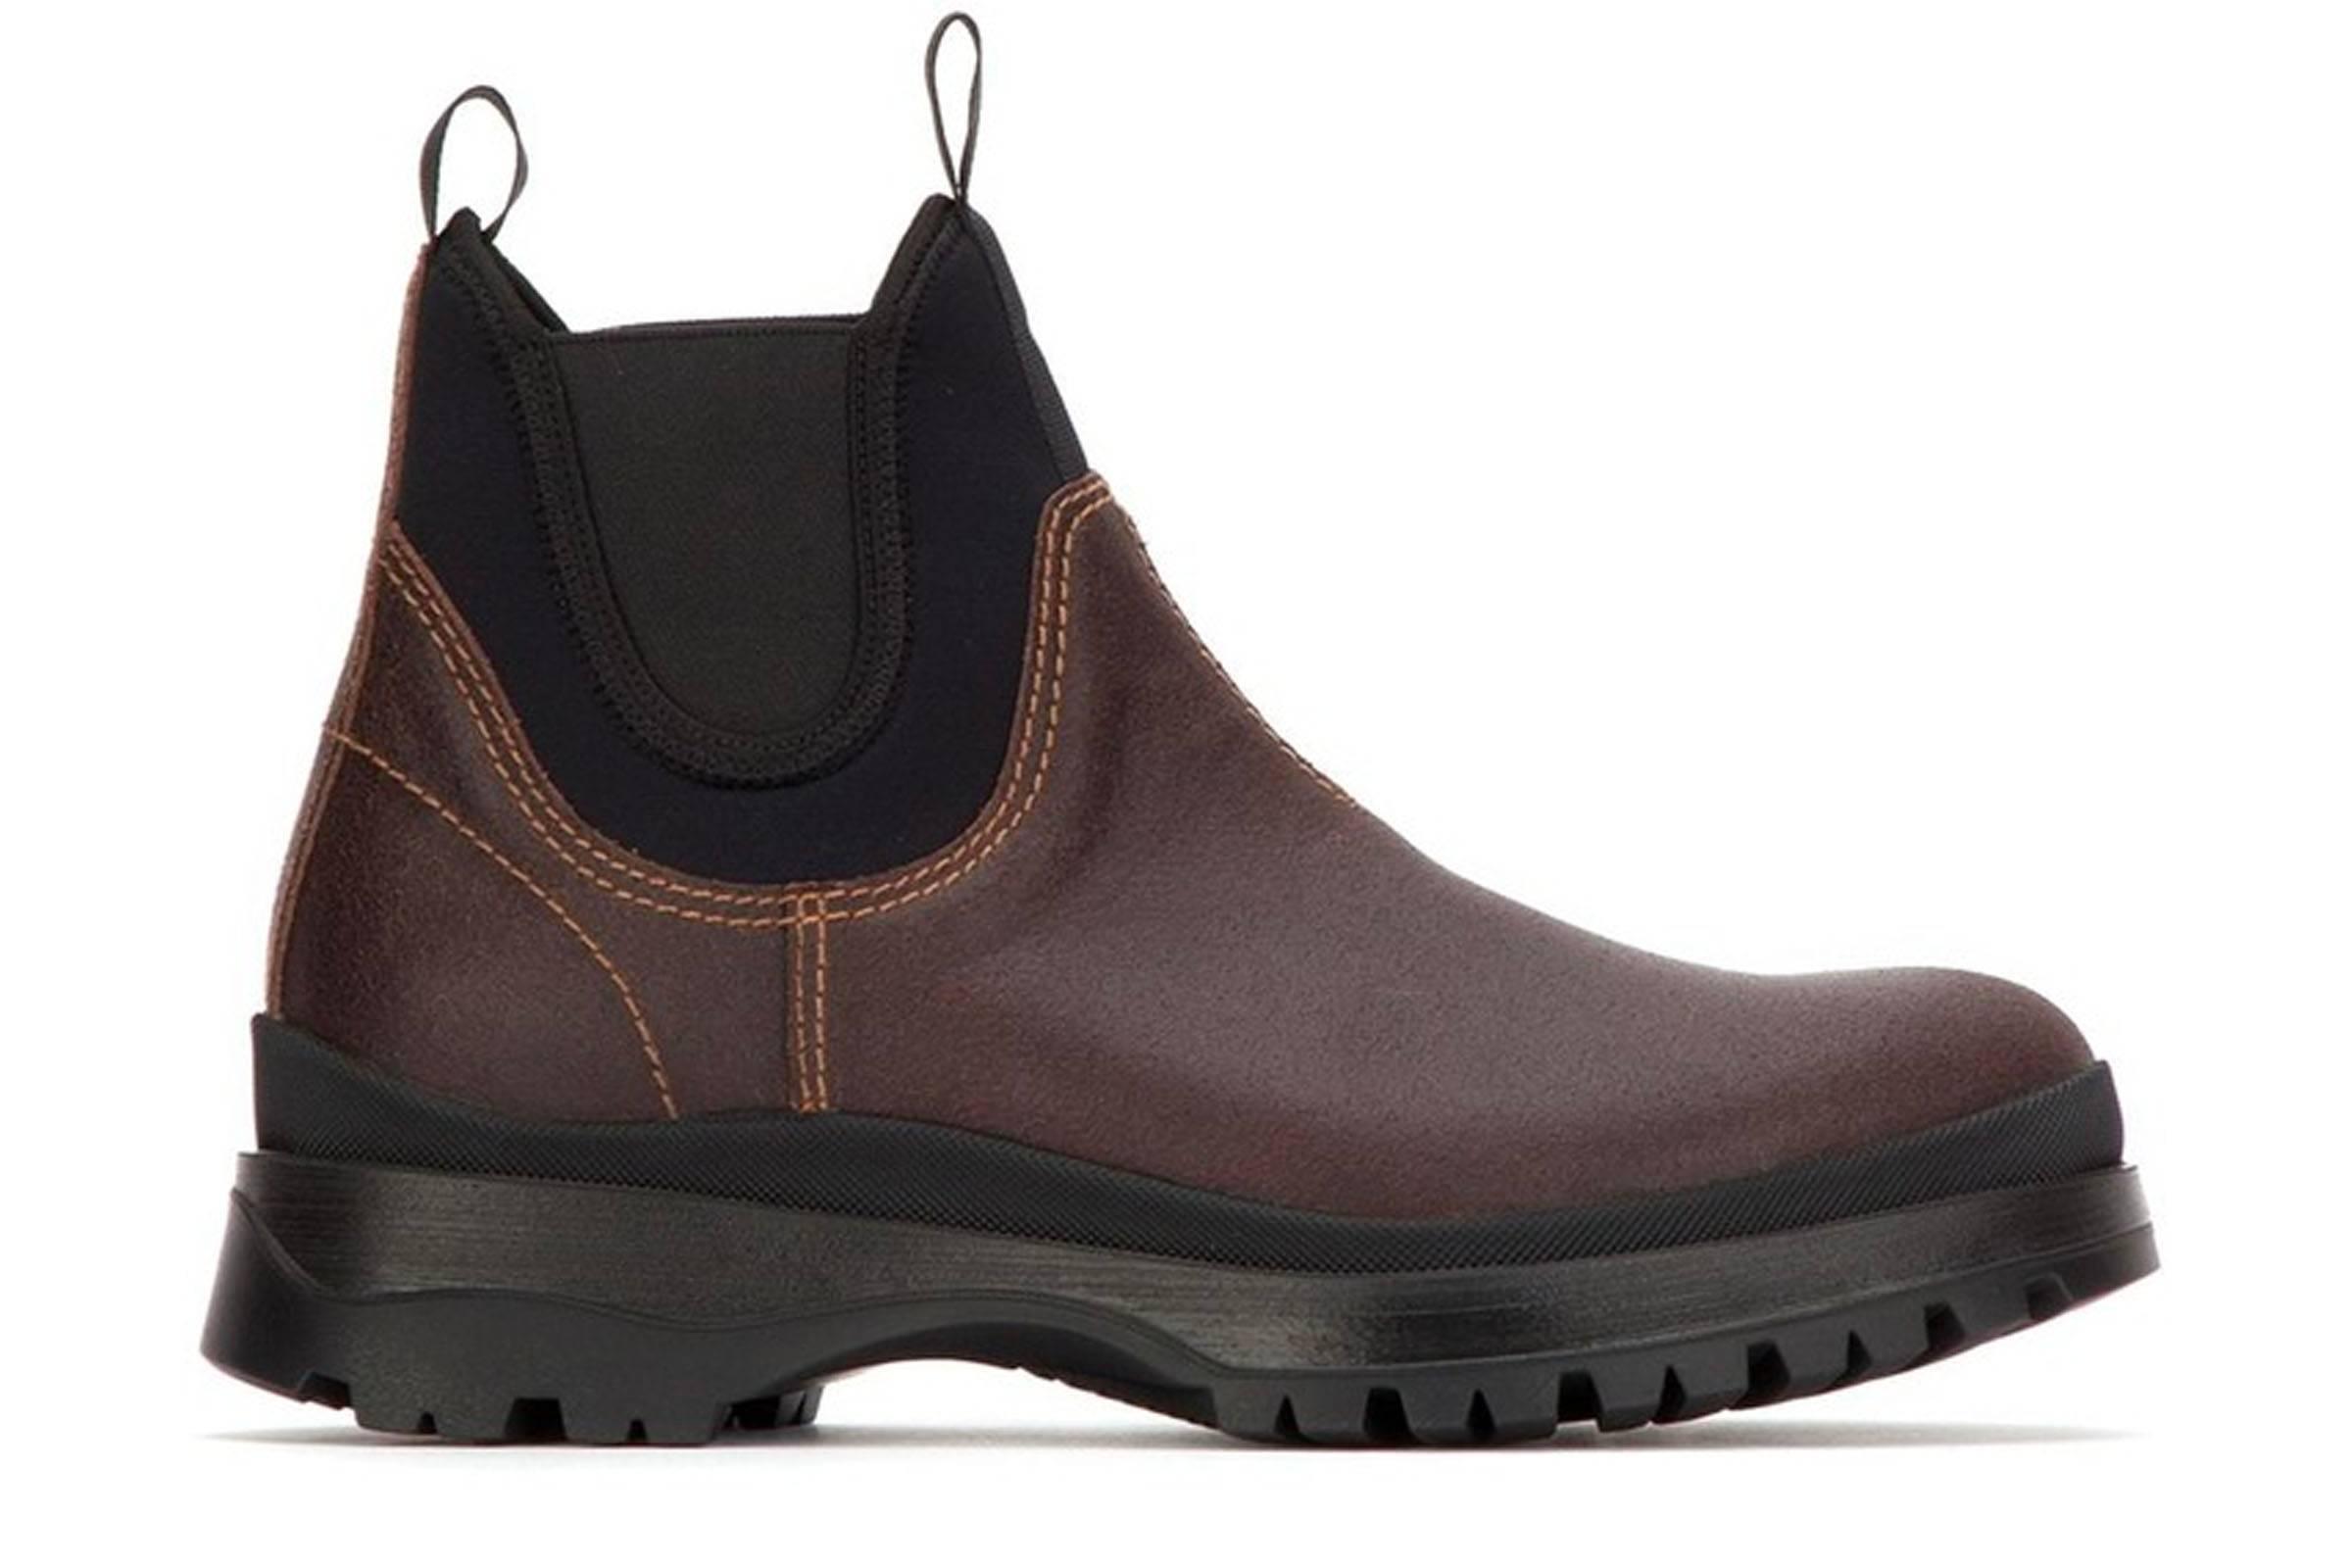 Prada Brixxen Chelsea Boots